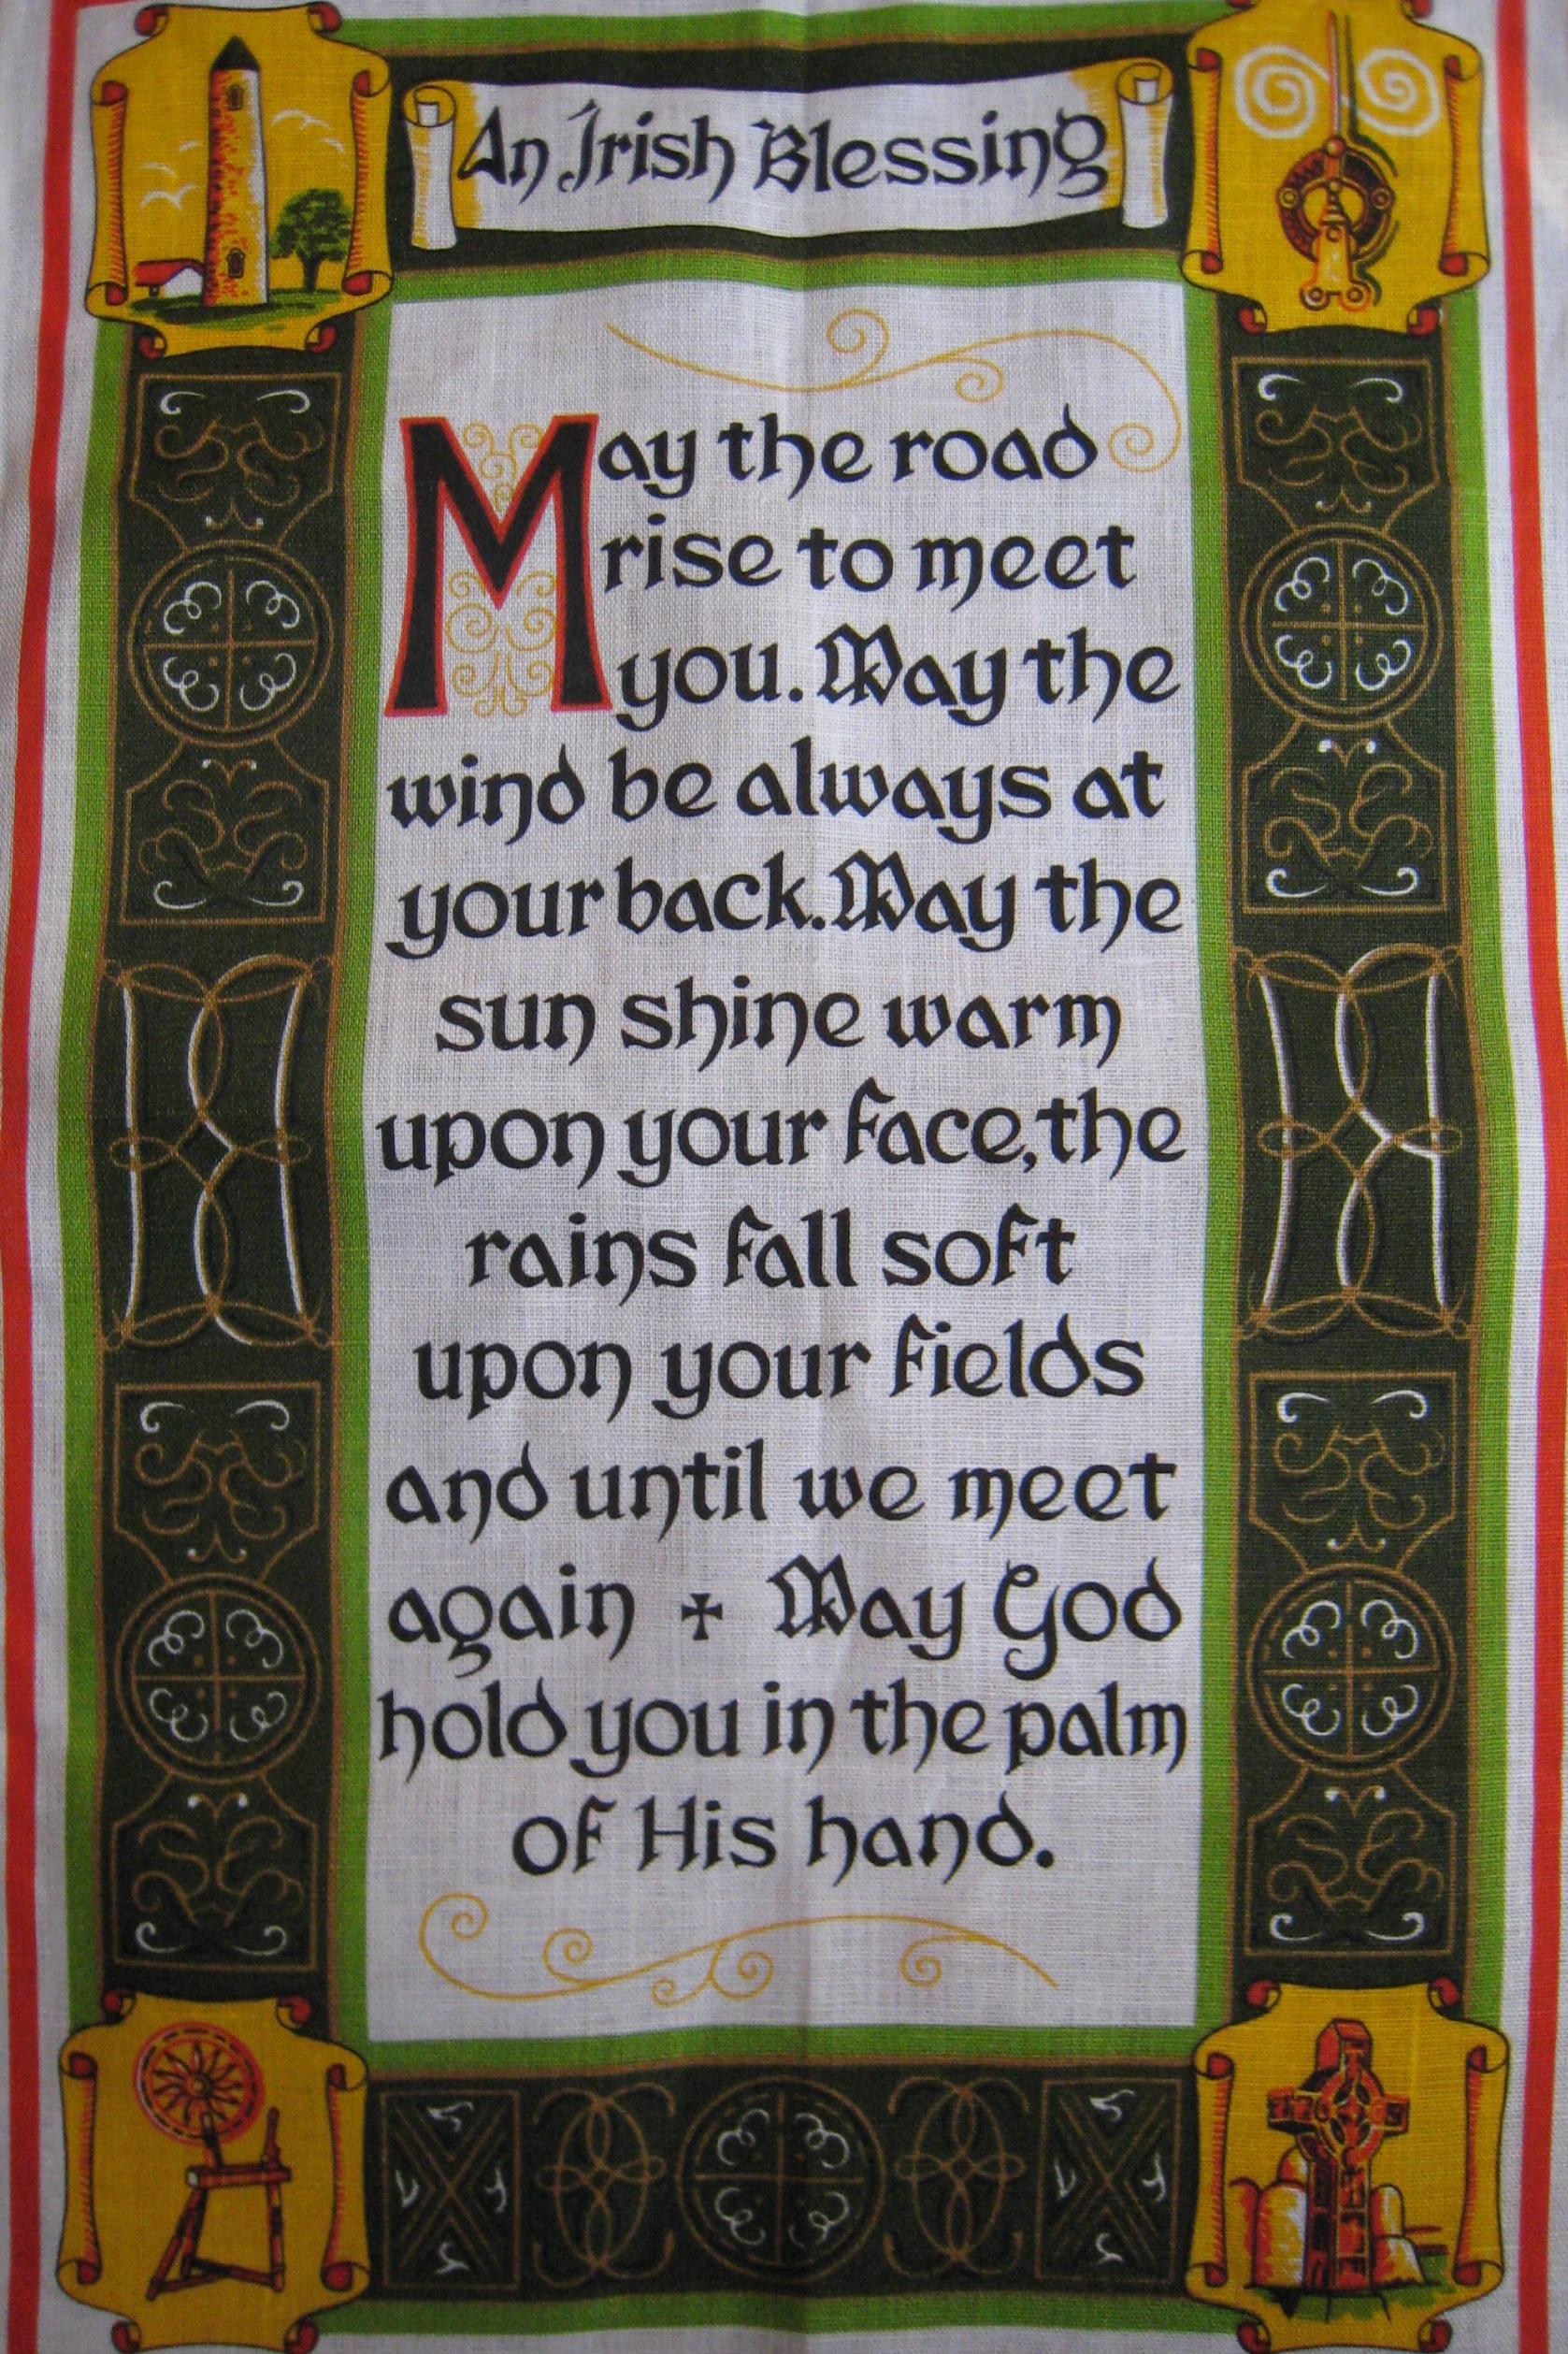 アイルランドの祝福